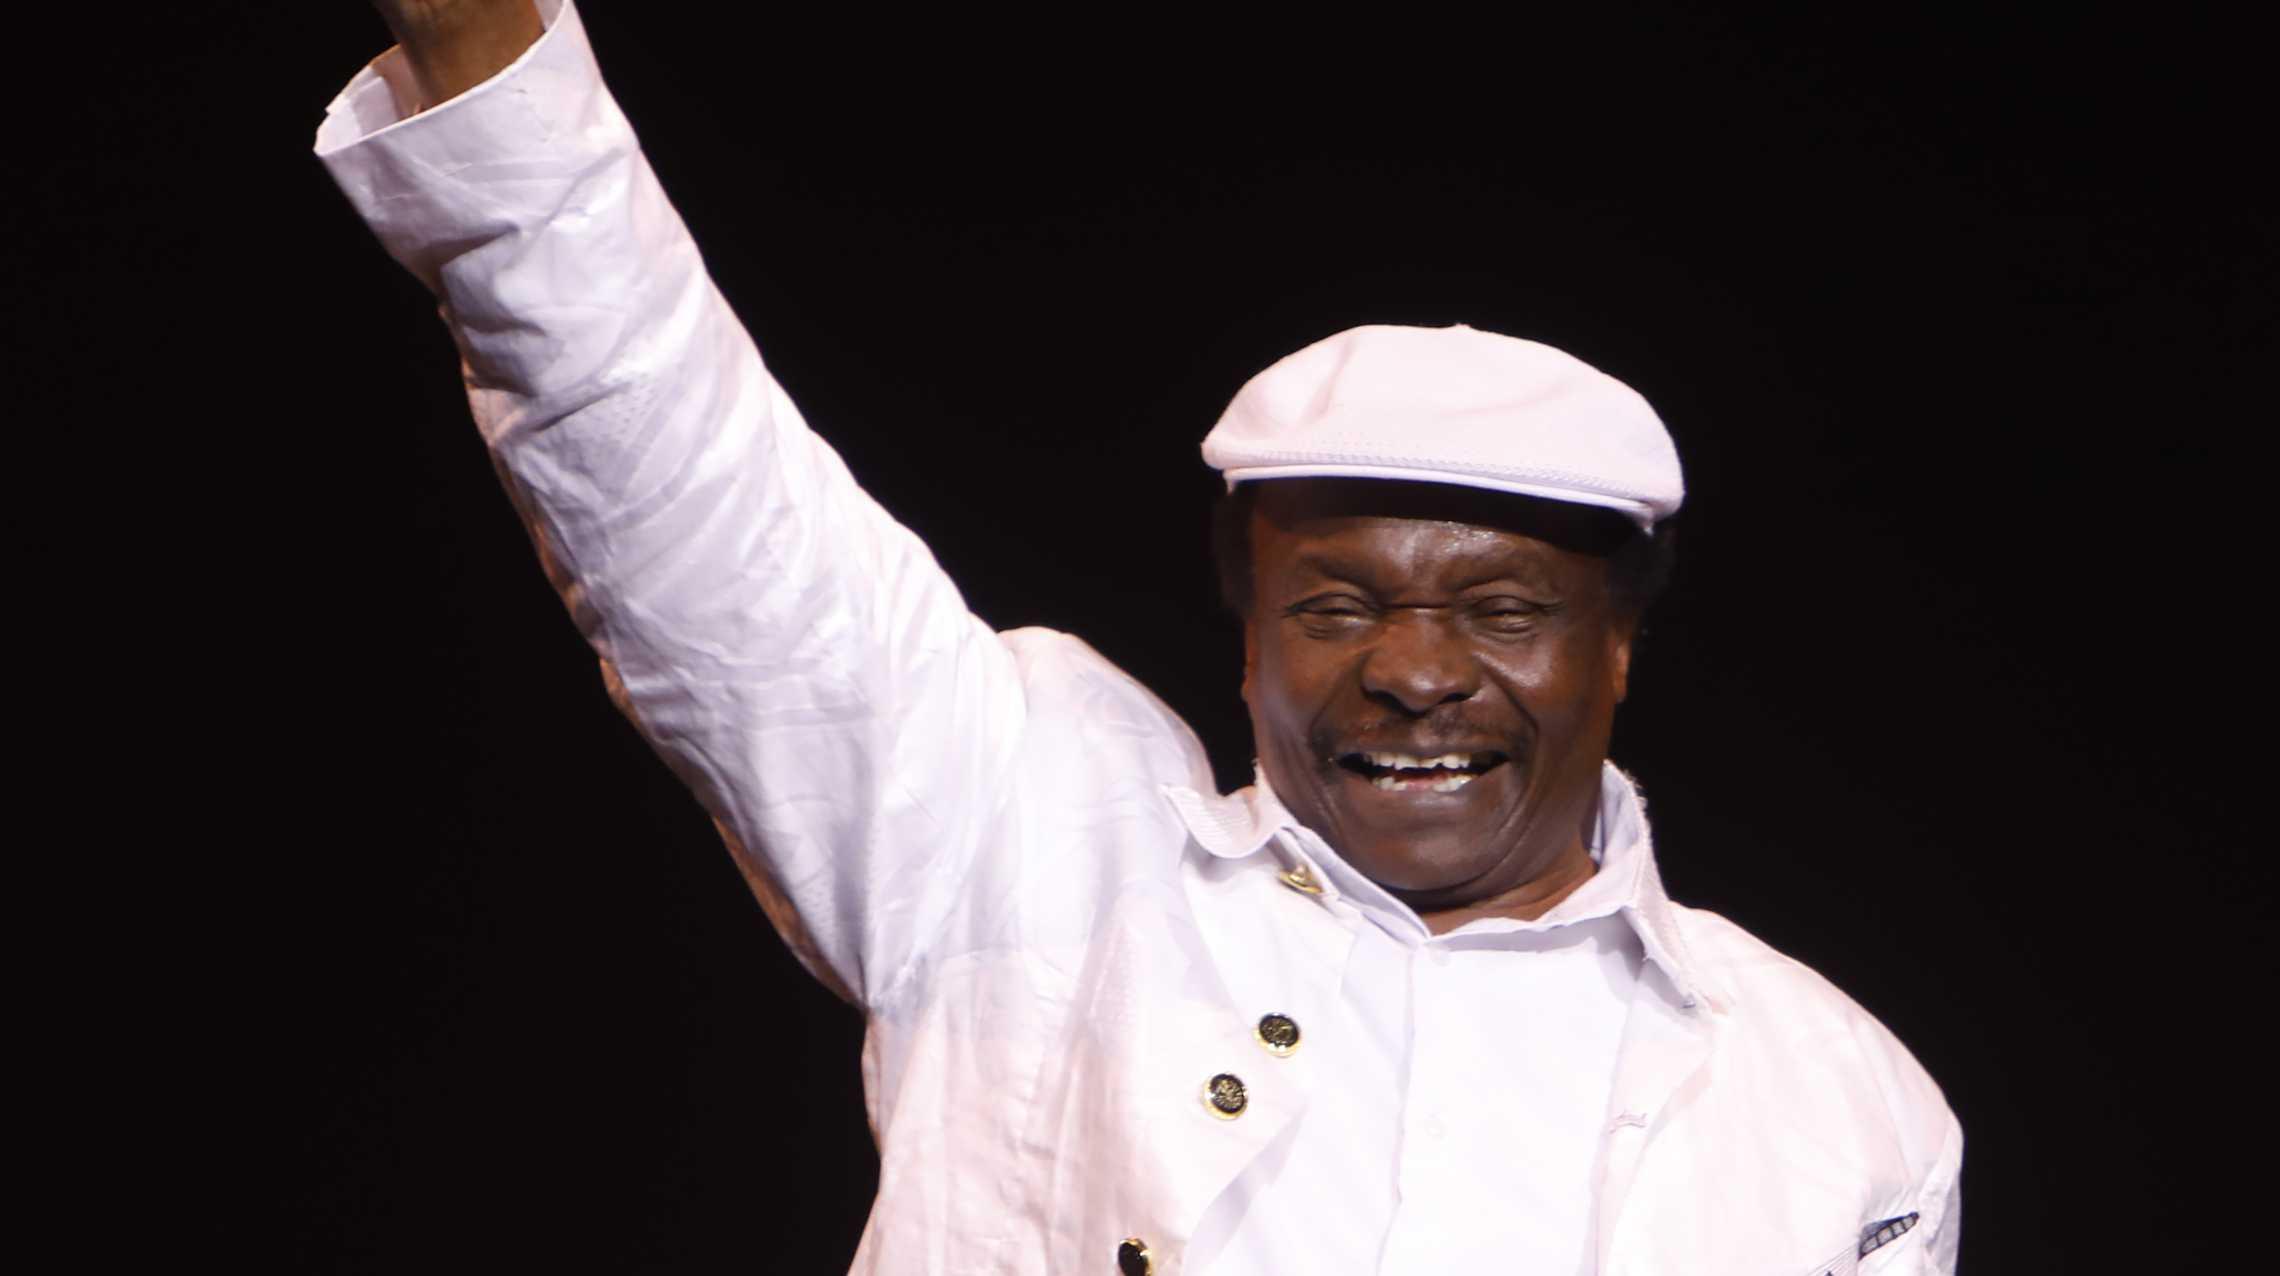 L'artiste guinéen Mory Kanté est mort: Un baobab de la musique mandingue s'écroule